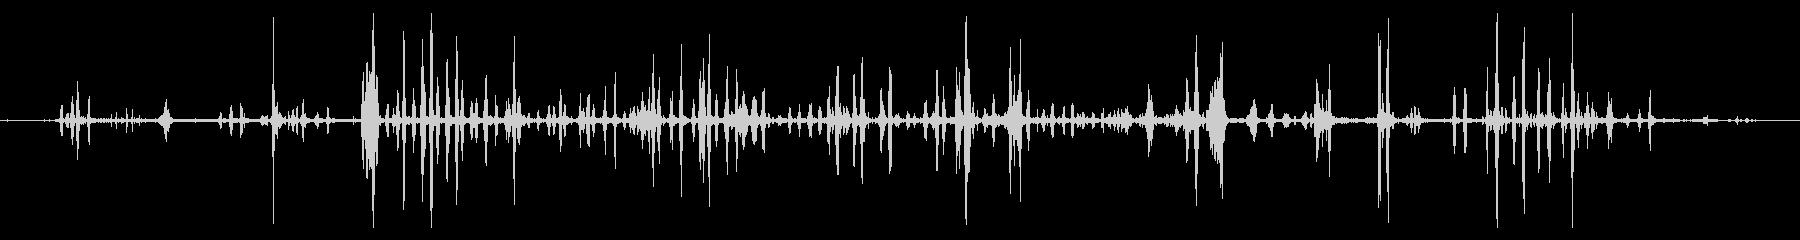 アヒルと鳥の小グループ:静かなチャ...の未再生の波形